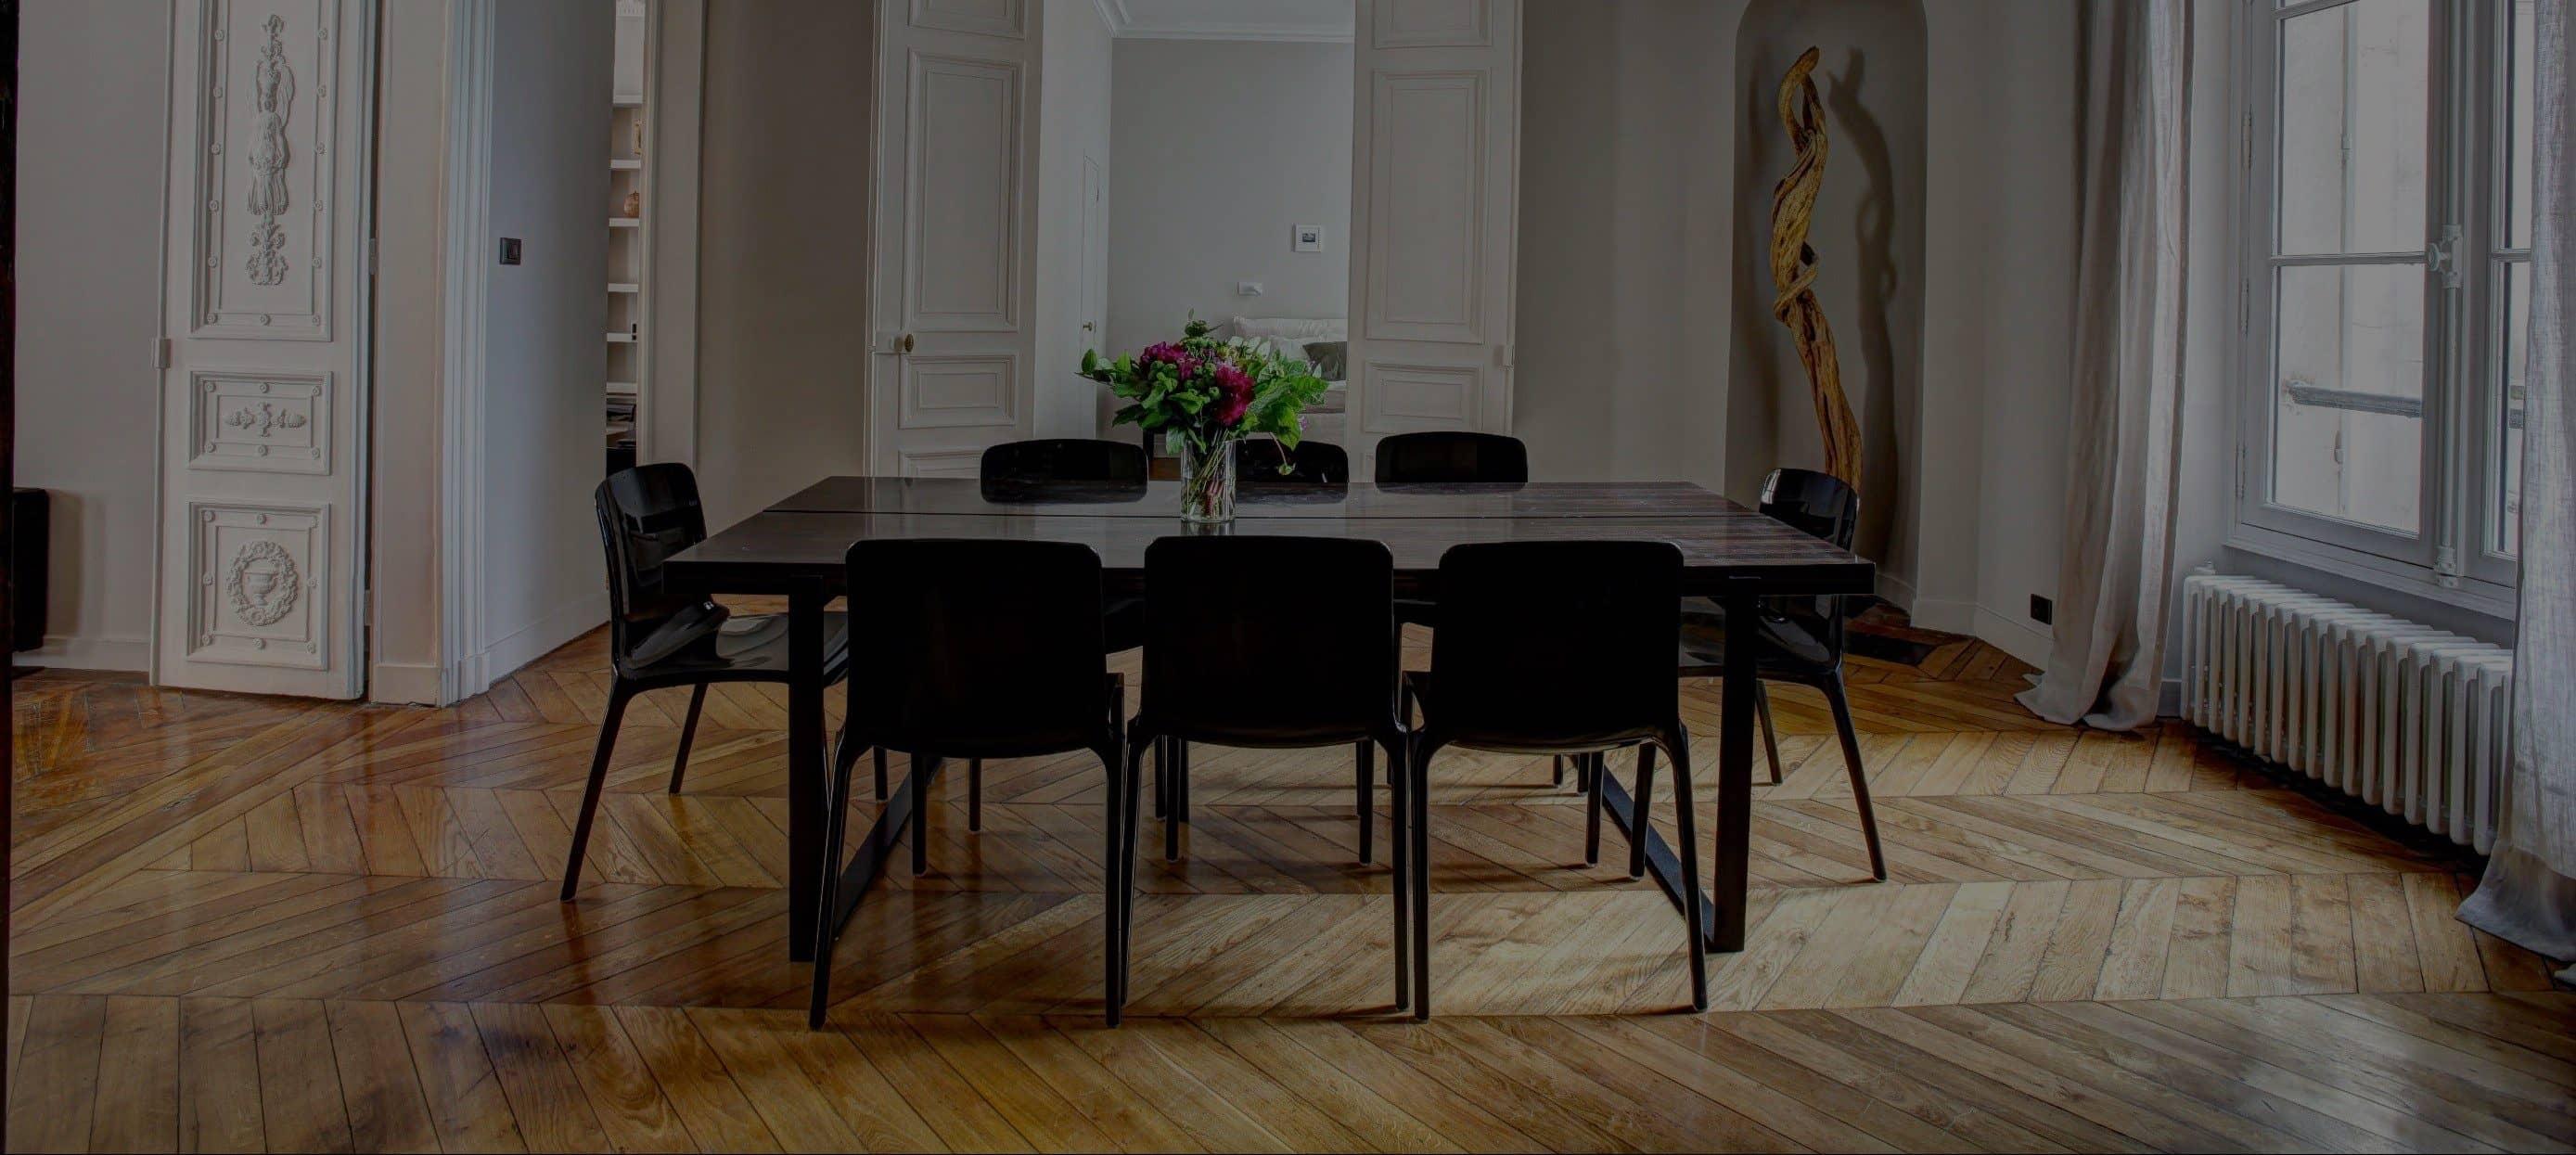 Salon - Salle à manger d'un immeuble en investissement locatif à Paris